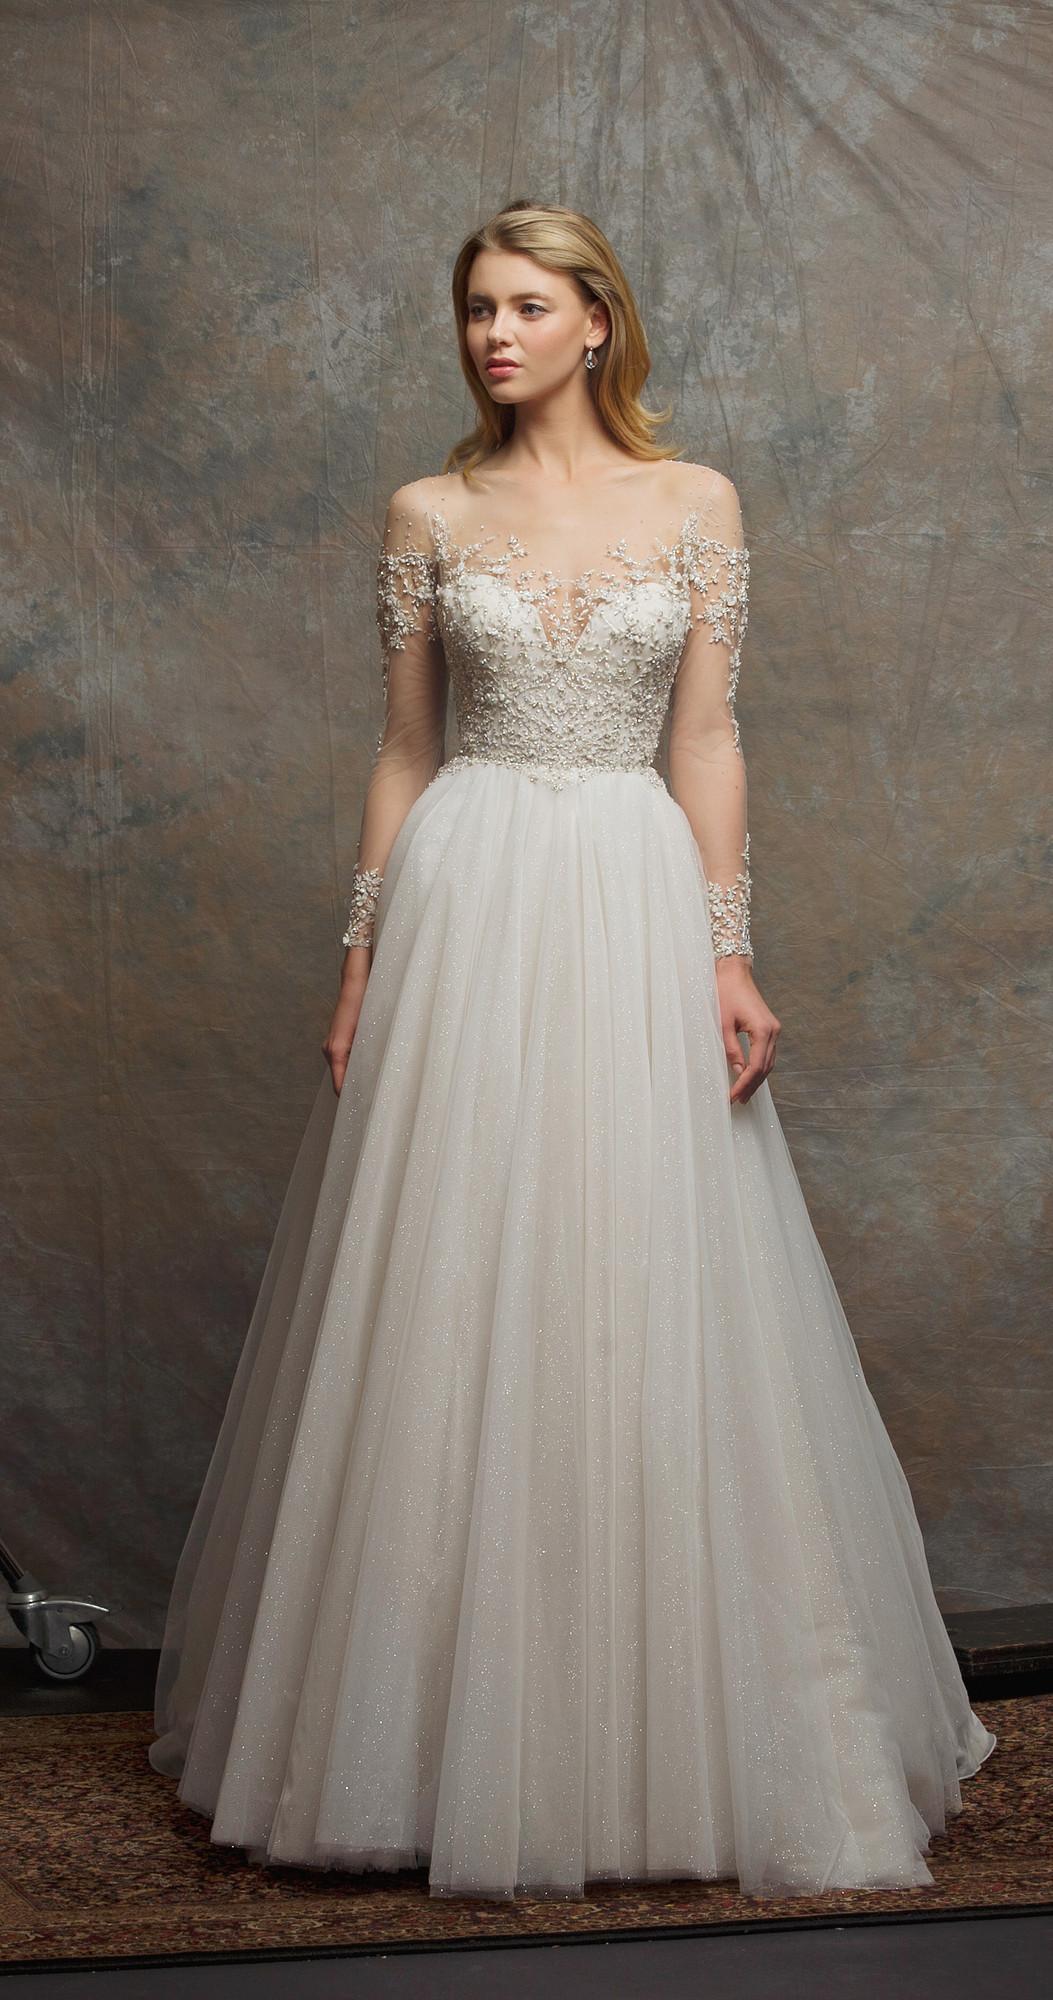 Enaura Bridal Wedding Dresses, Enaura Bridal Photos ... - photo #22